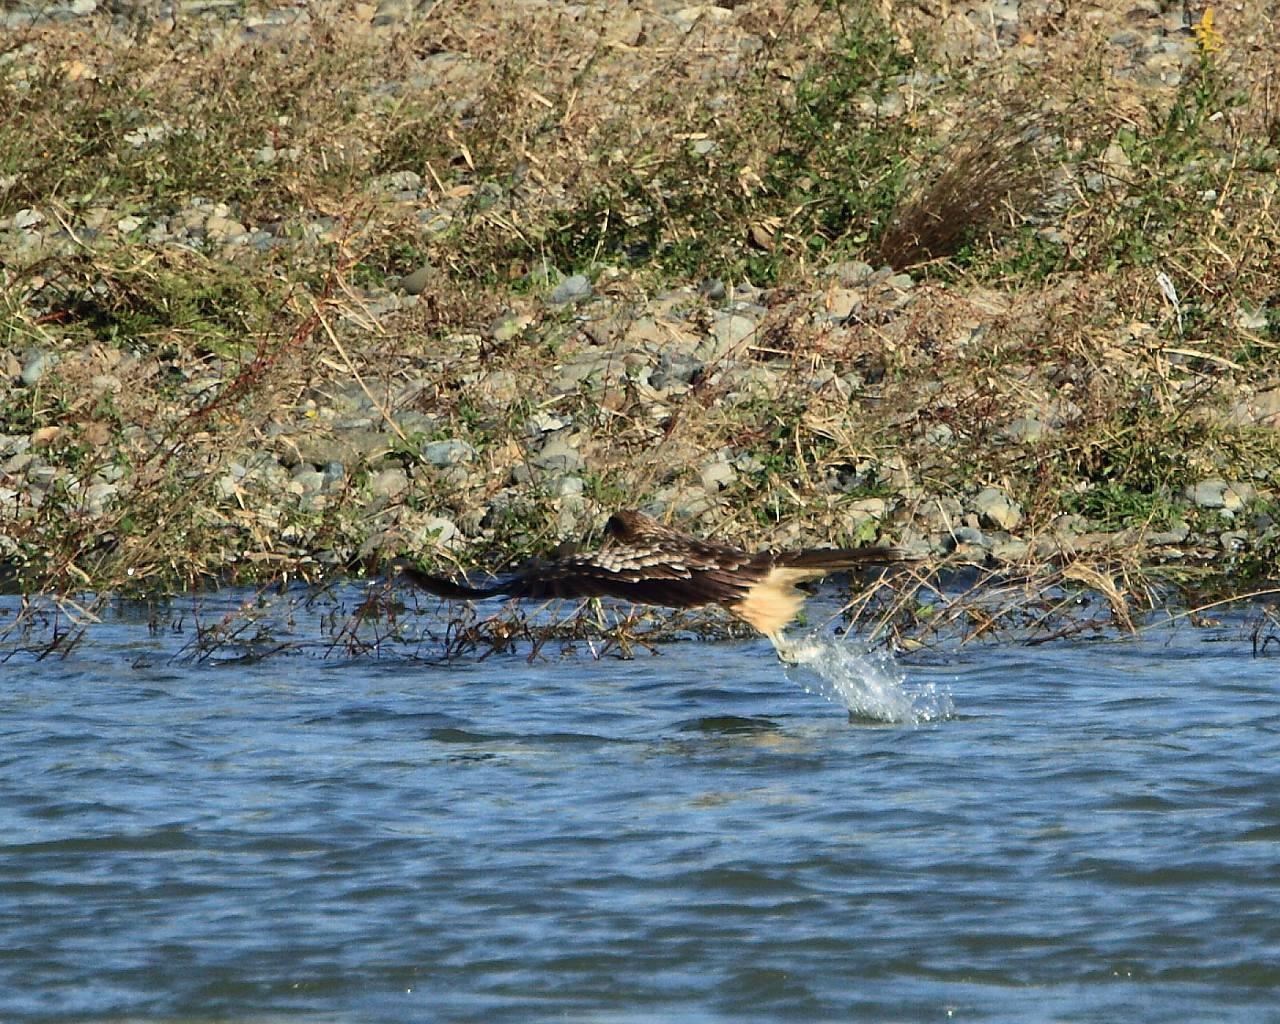 相模川のミサゴ会場ではミサゴの代わりにトビが大活躍_f0105570_21233050.jpg